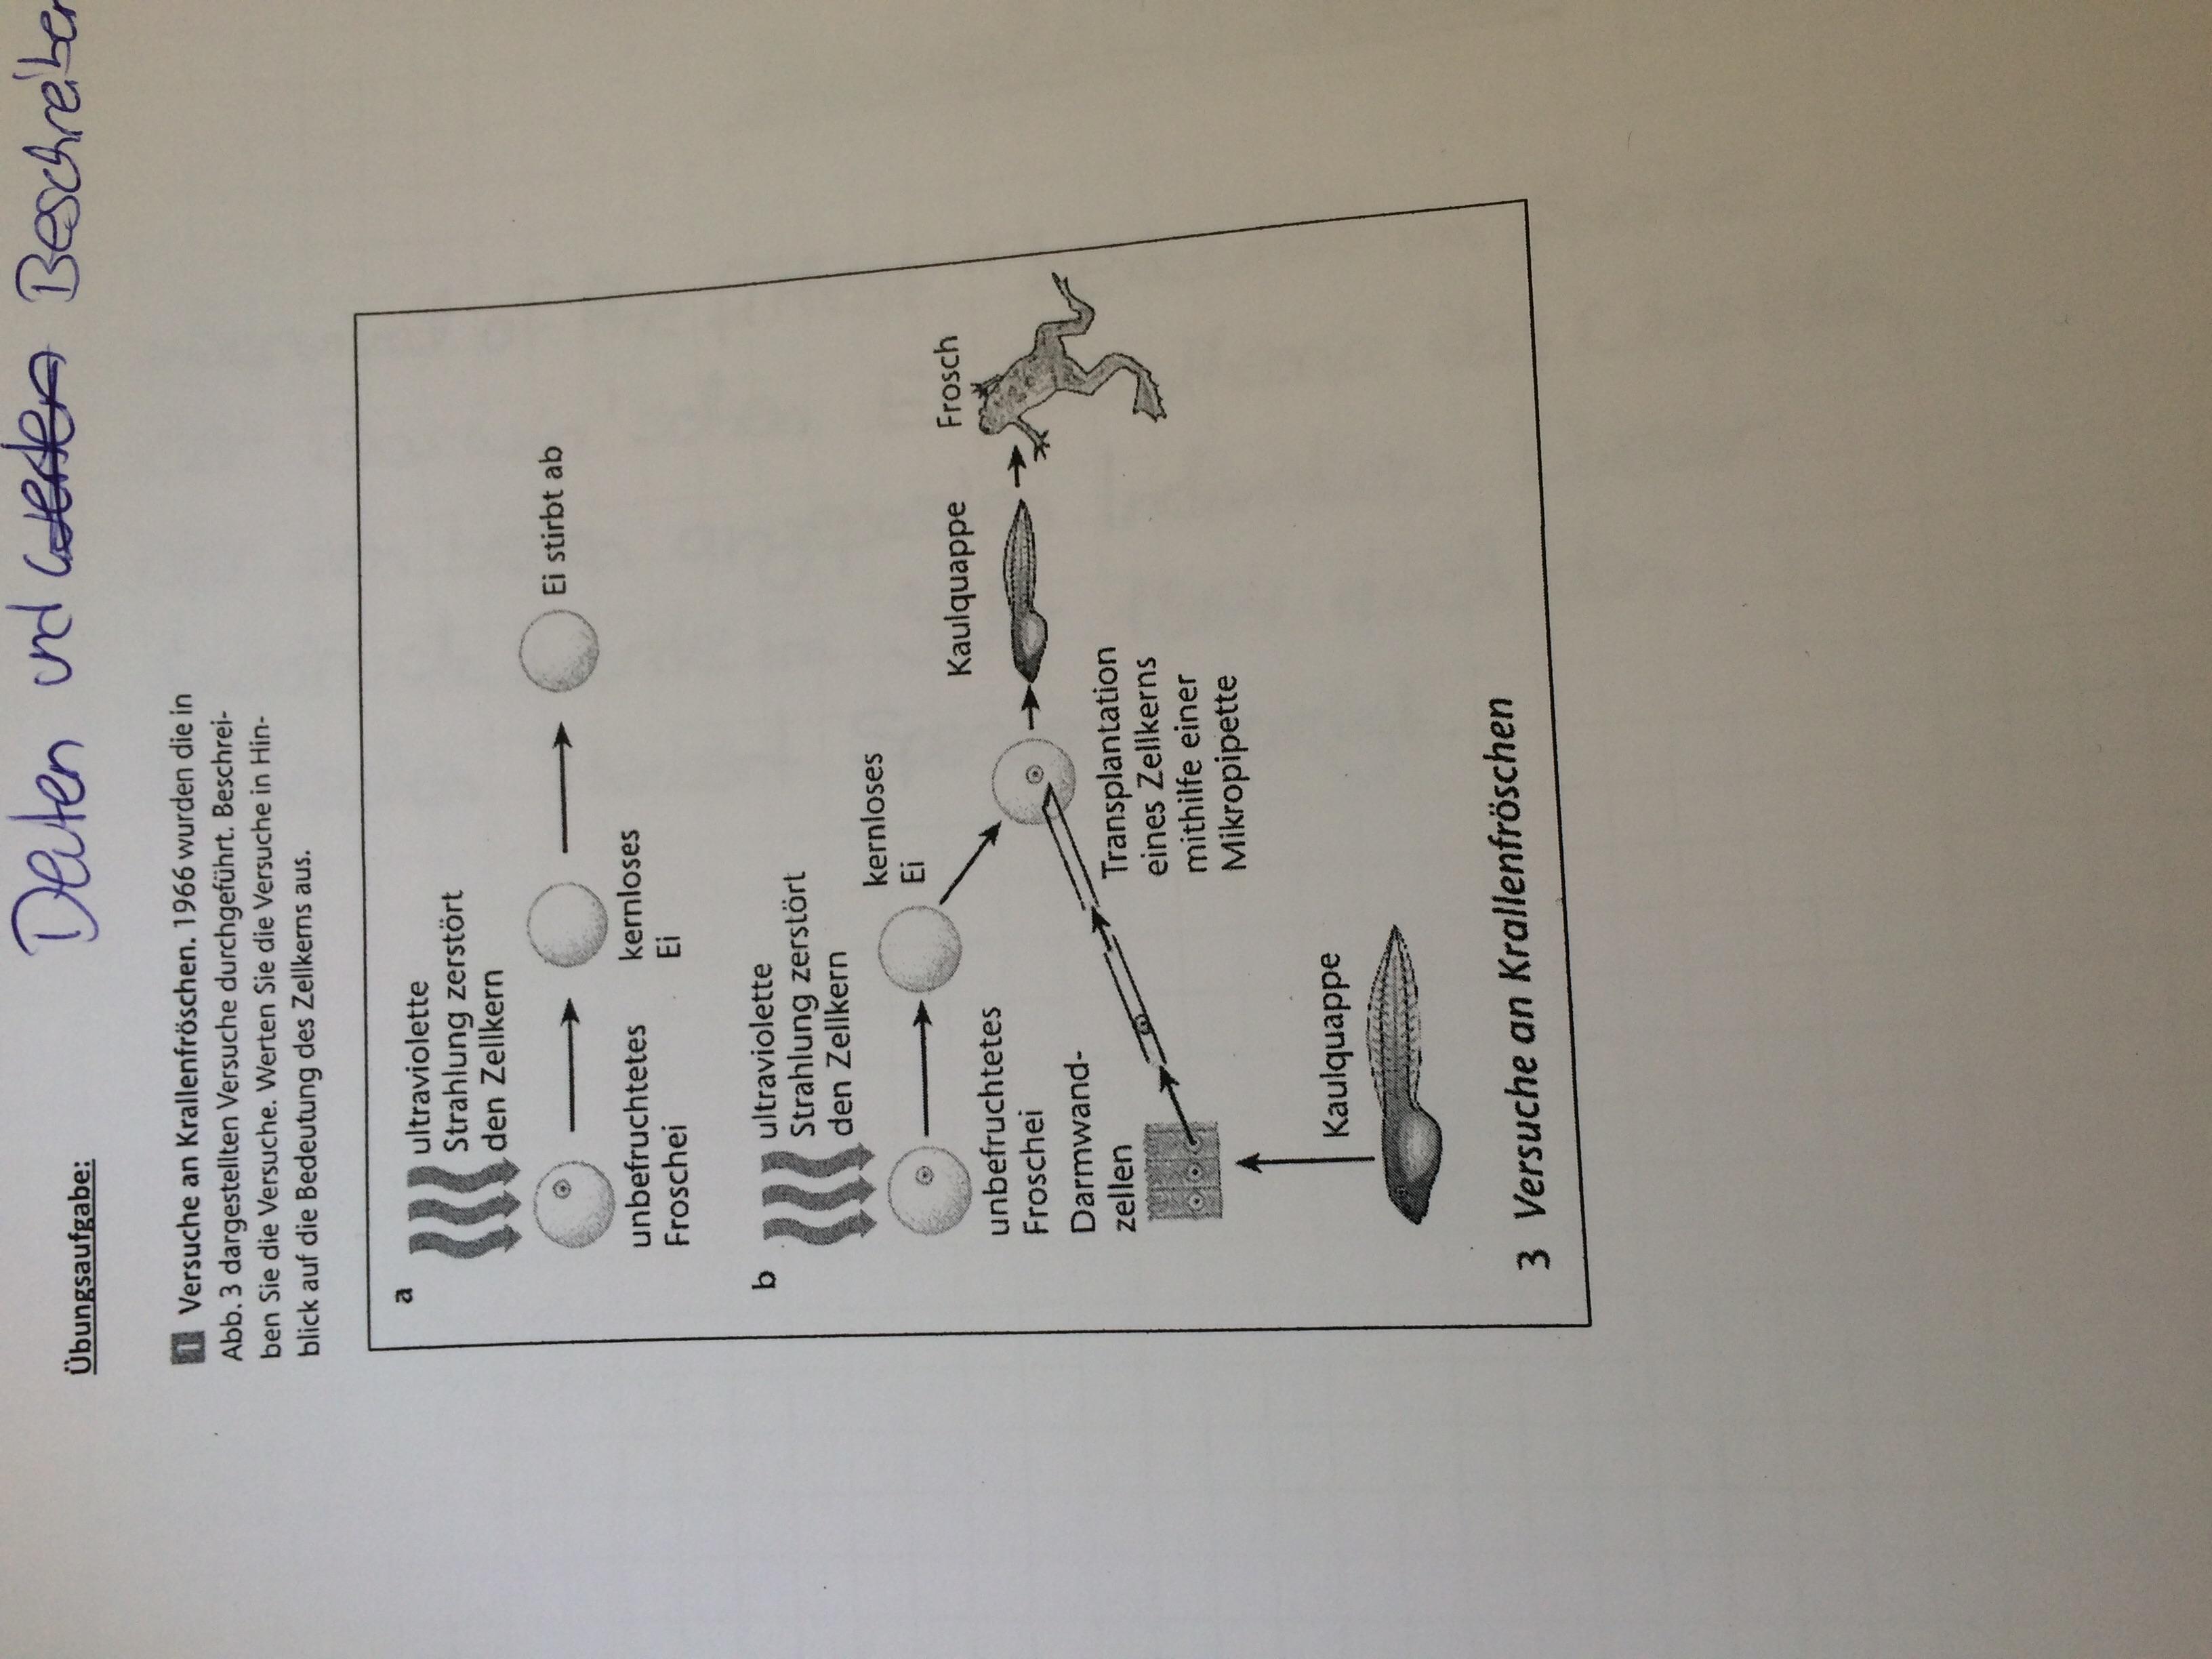 Bedeutung des Zellkerns (Transferfrage)? (Biologie)